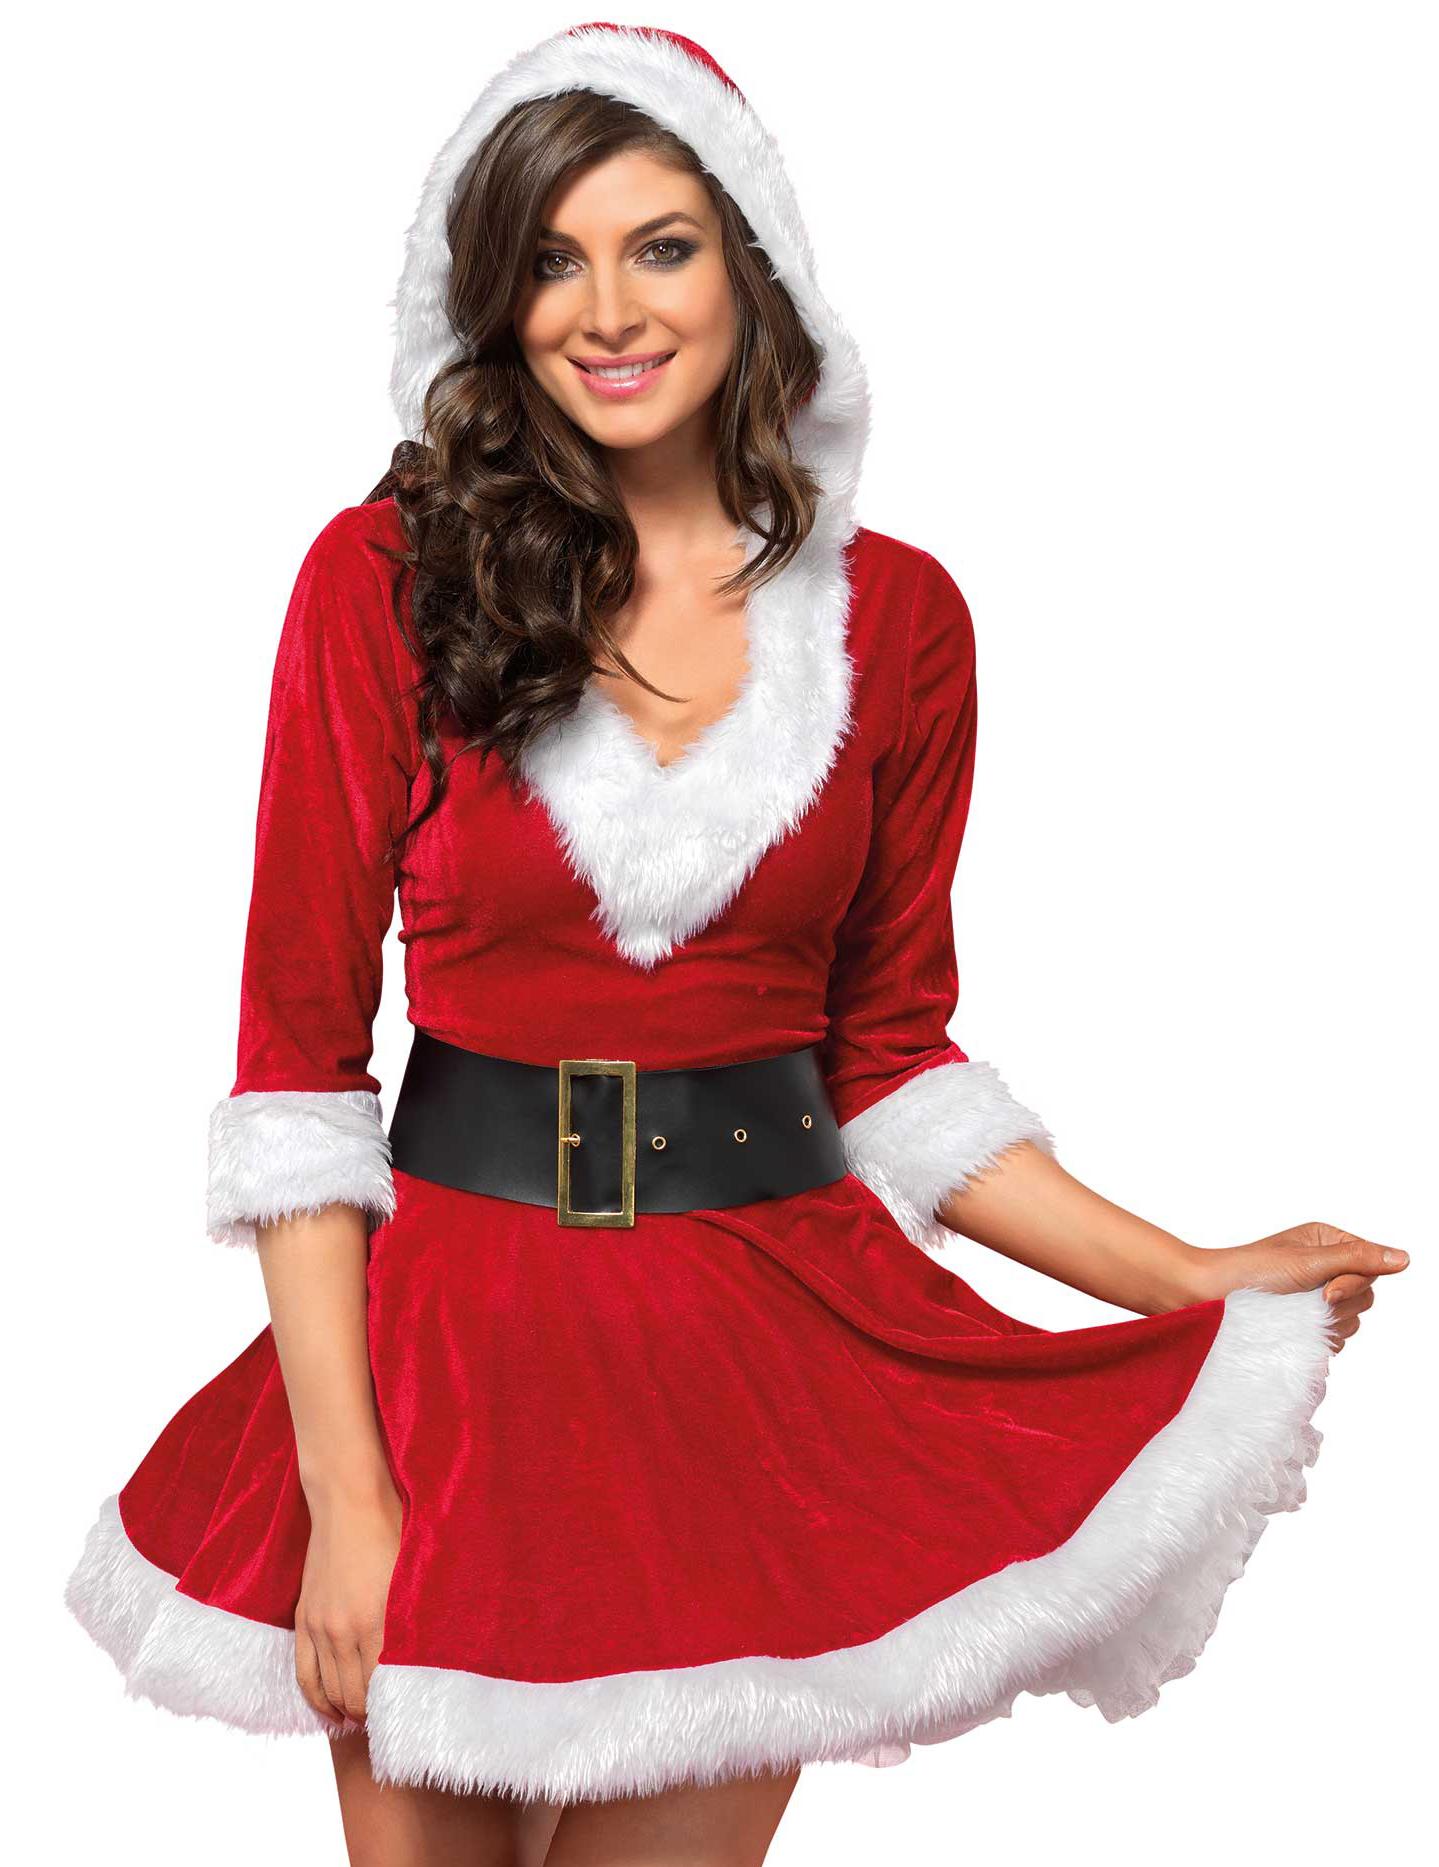 Disfraz Mam Noel Mujer Disfraces Adultos,Y Disfraces -3736